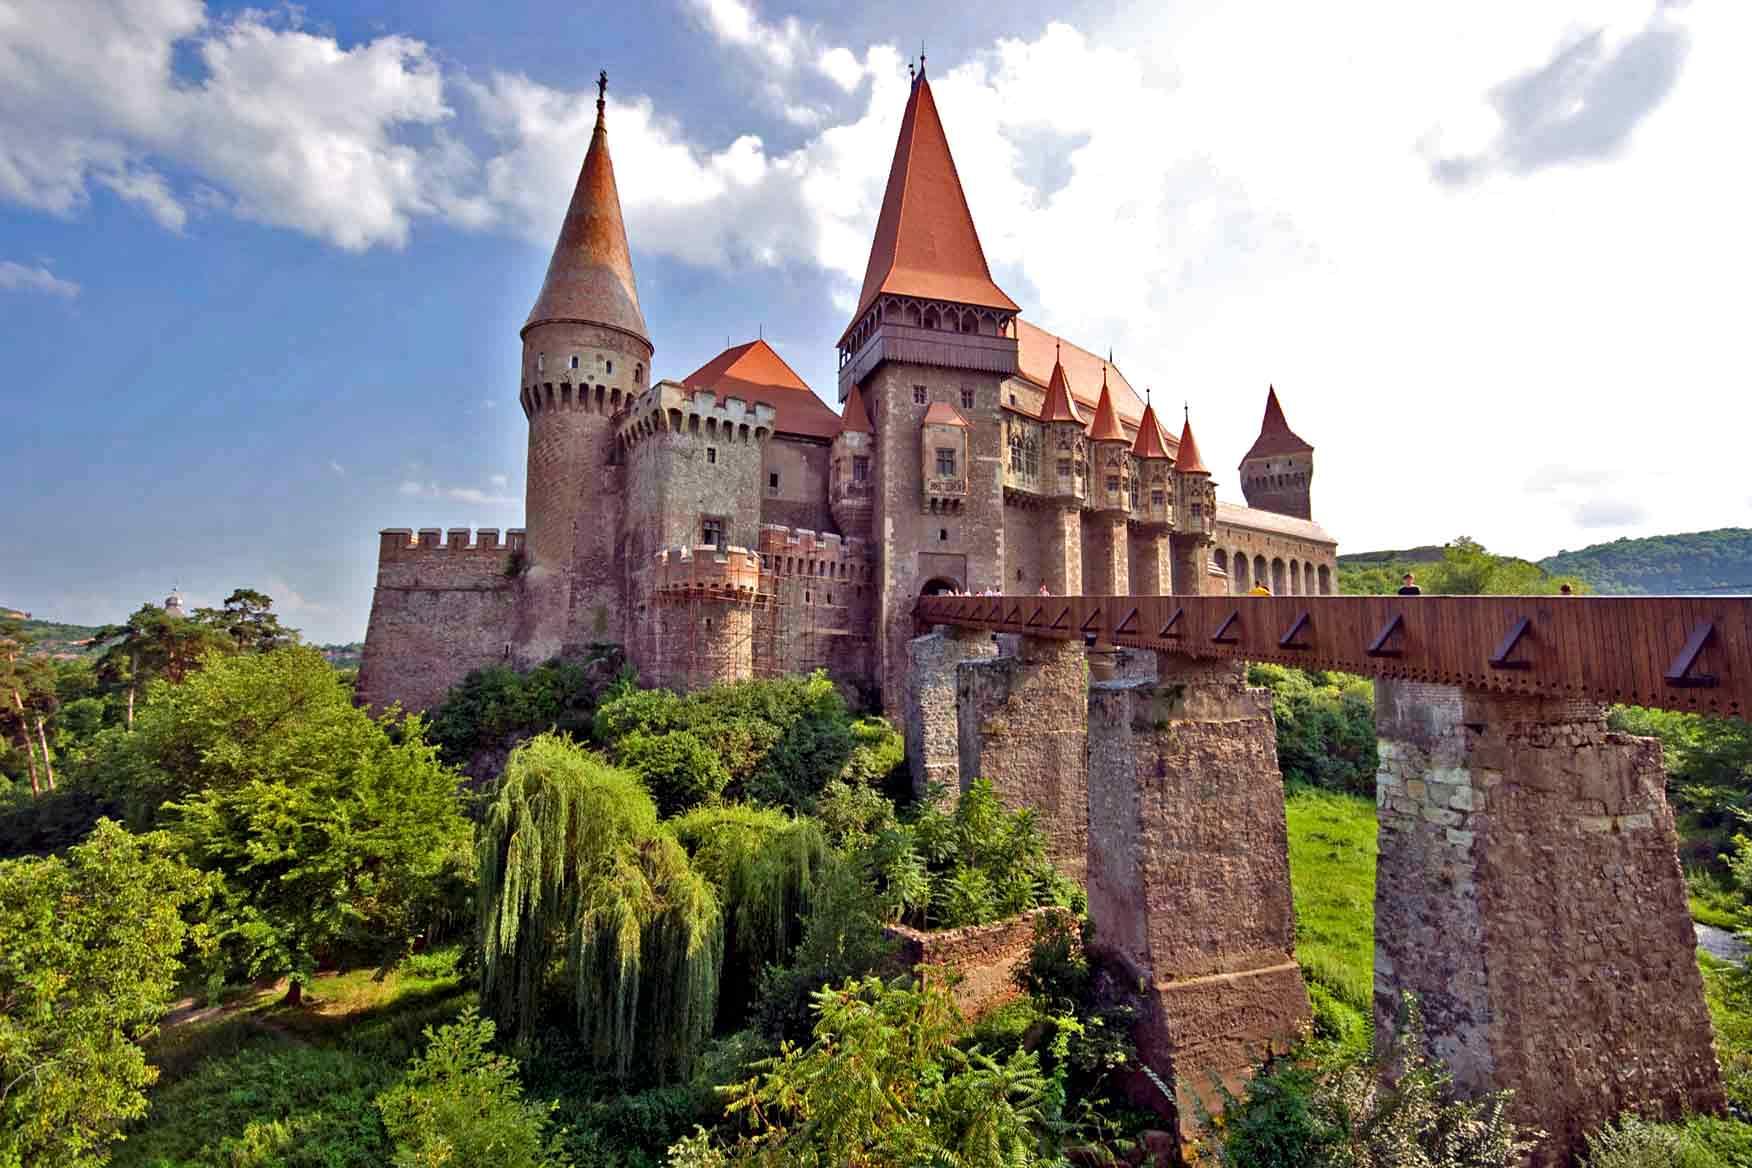 poze cu castele, biserici fortificate   imagini cu manastiri   transilvania obiective turistice ardeal